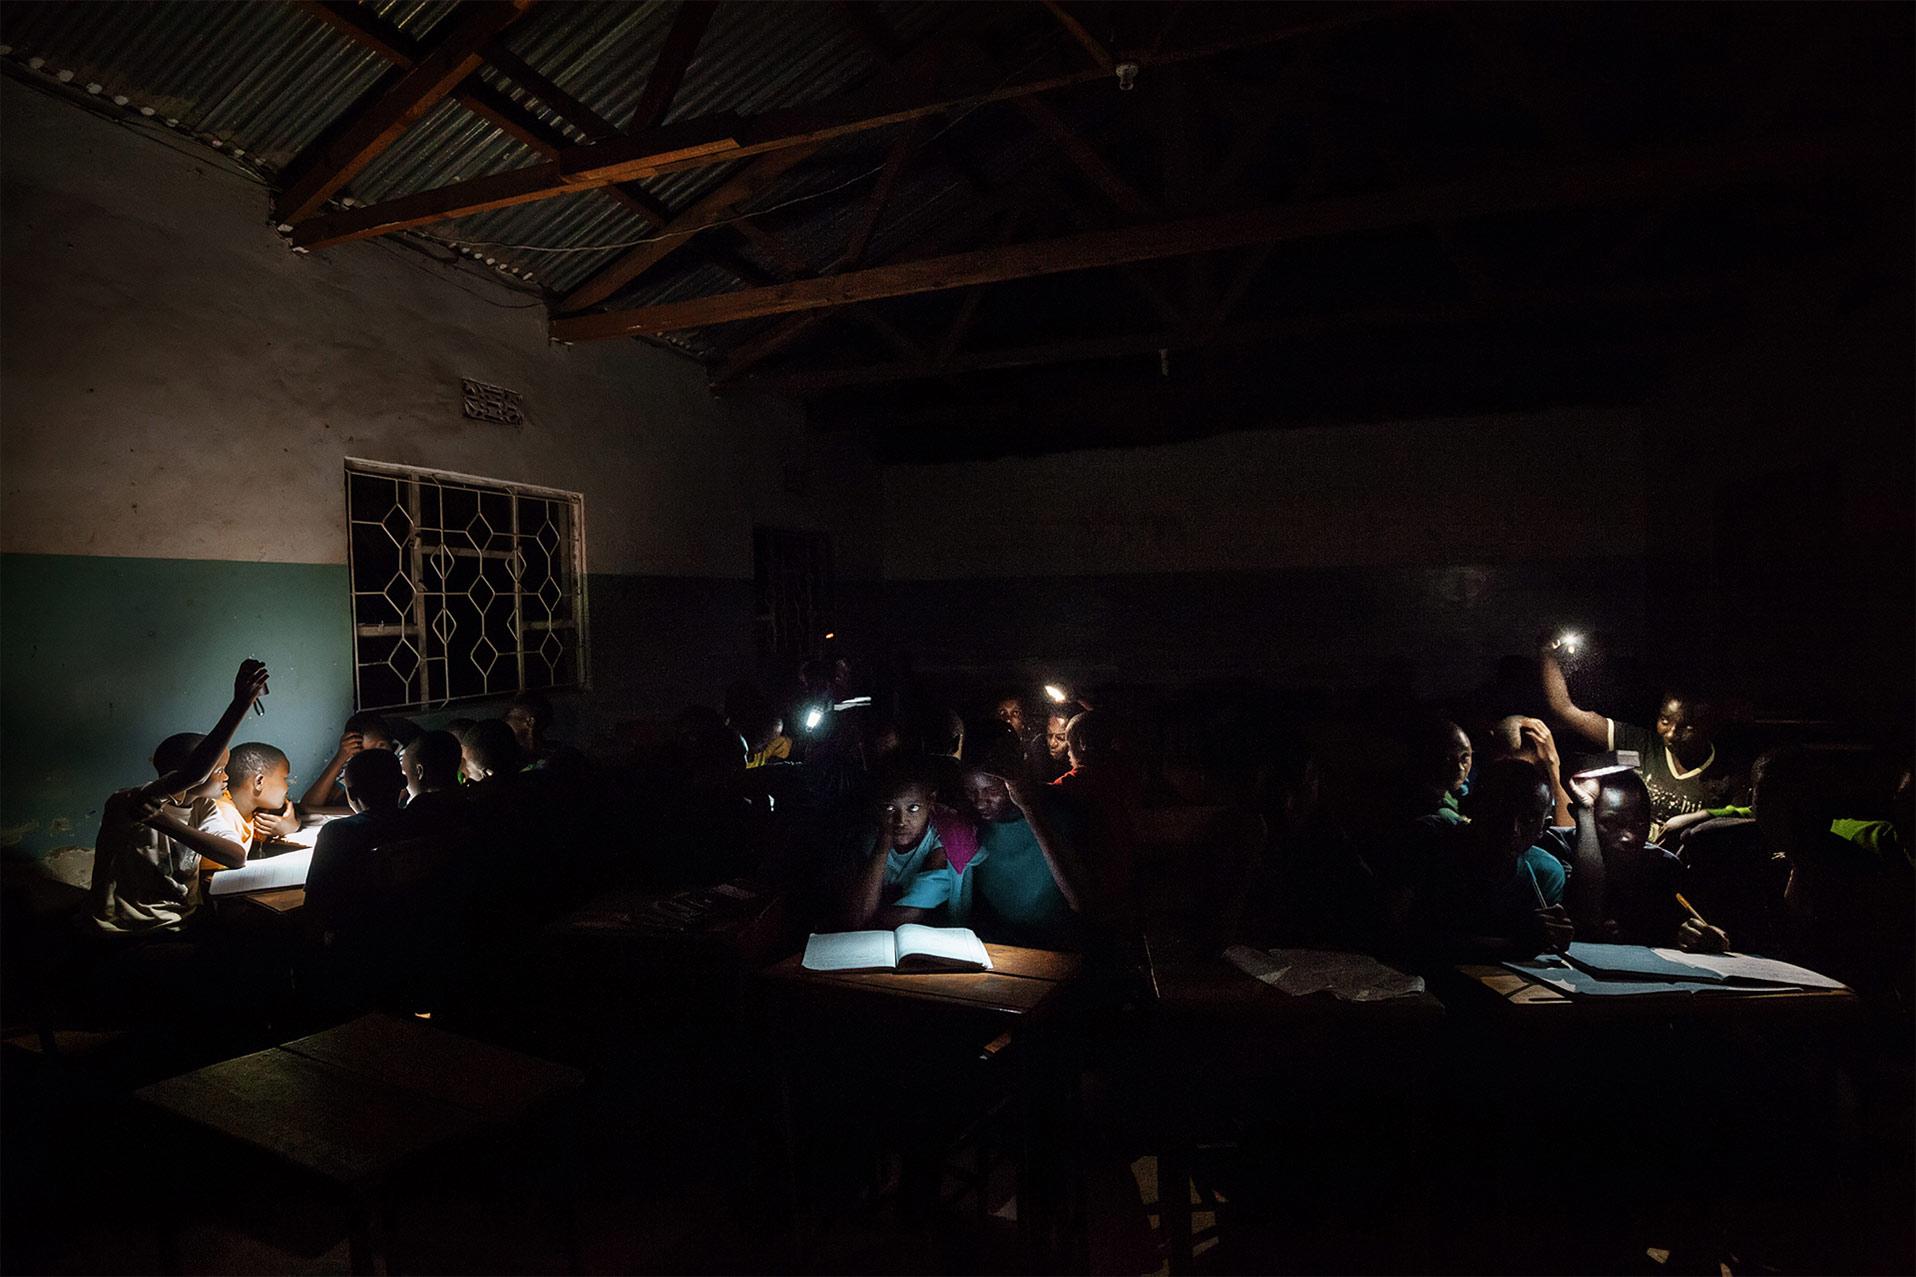 Studenti africani studiano alla luce delle torce elettriche. Reportage del fotografo Marco Garofalo